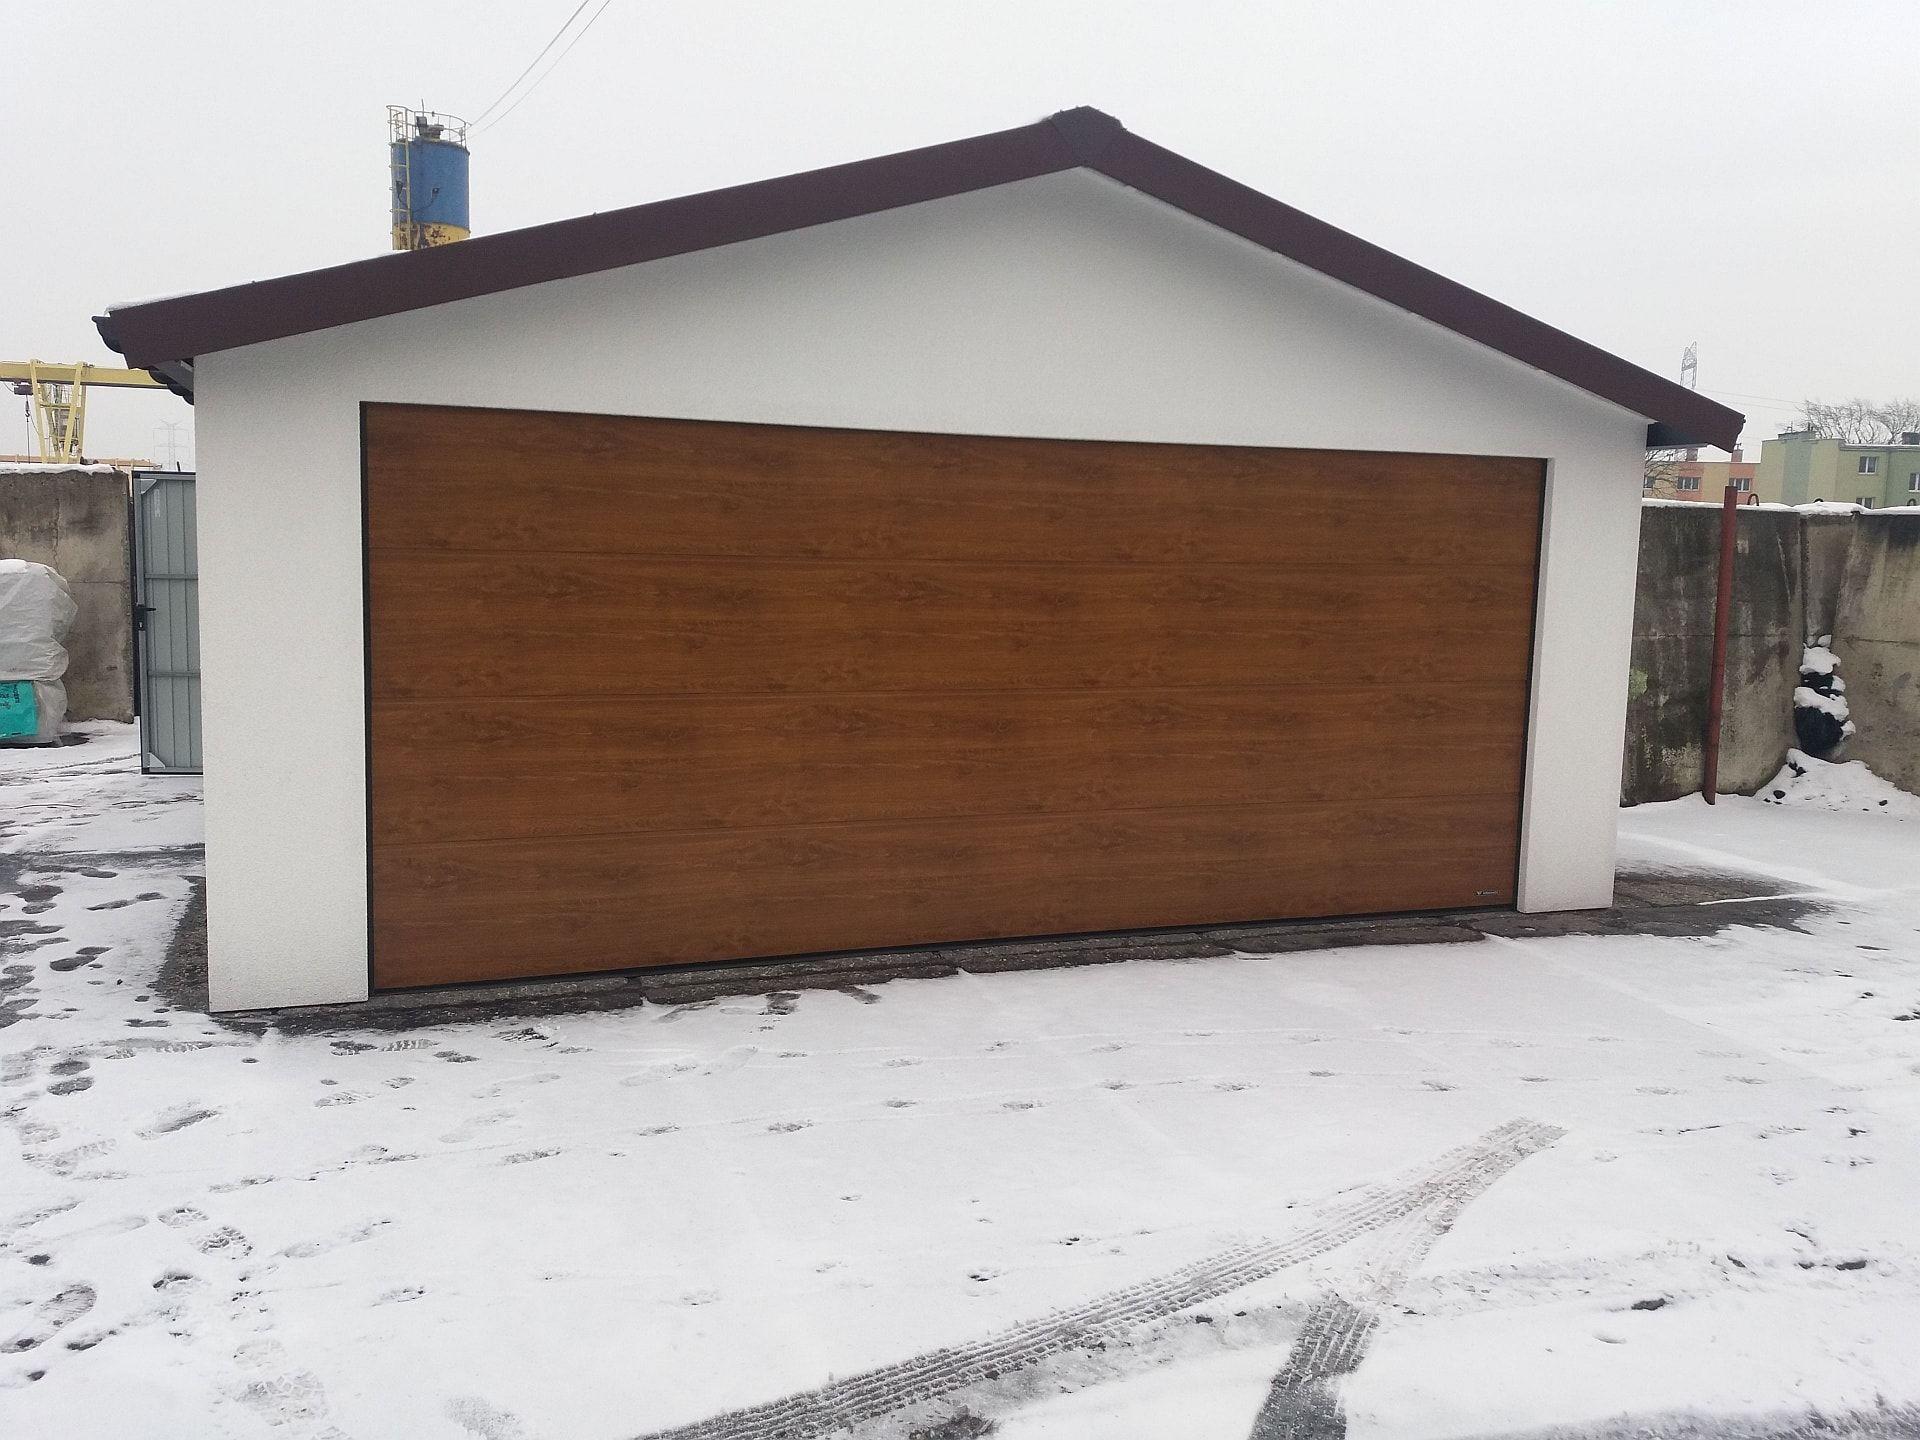 Garaże Tynkowane Stalowe Hetman Garaż Blaszany